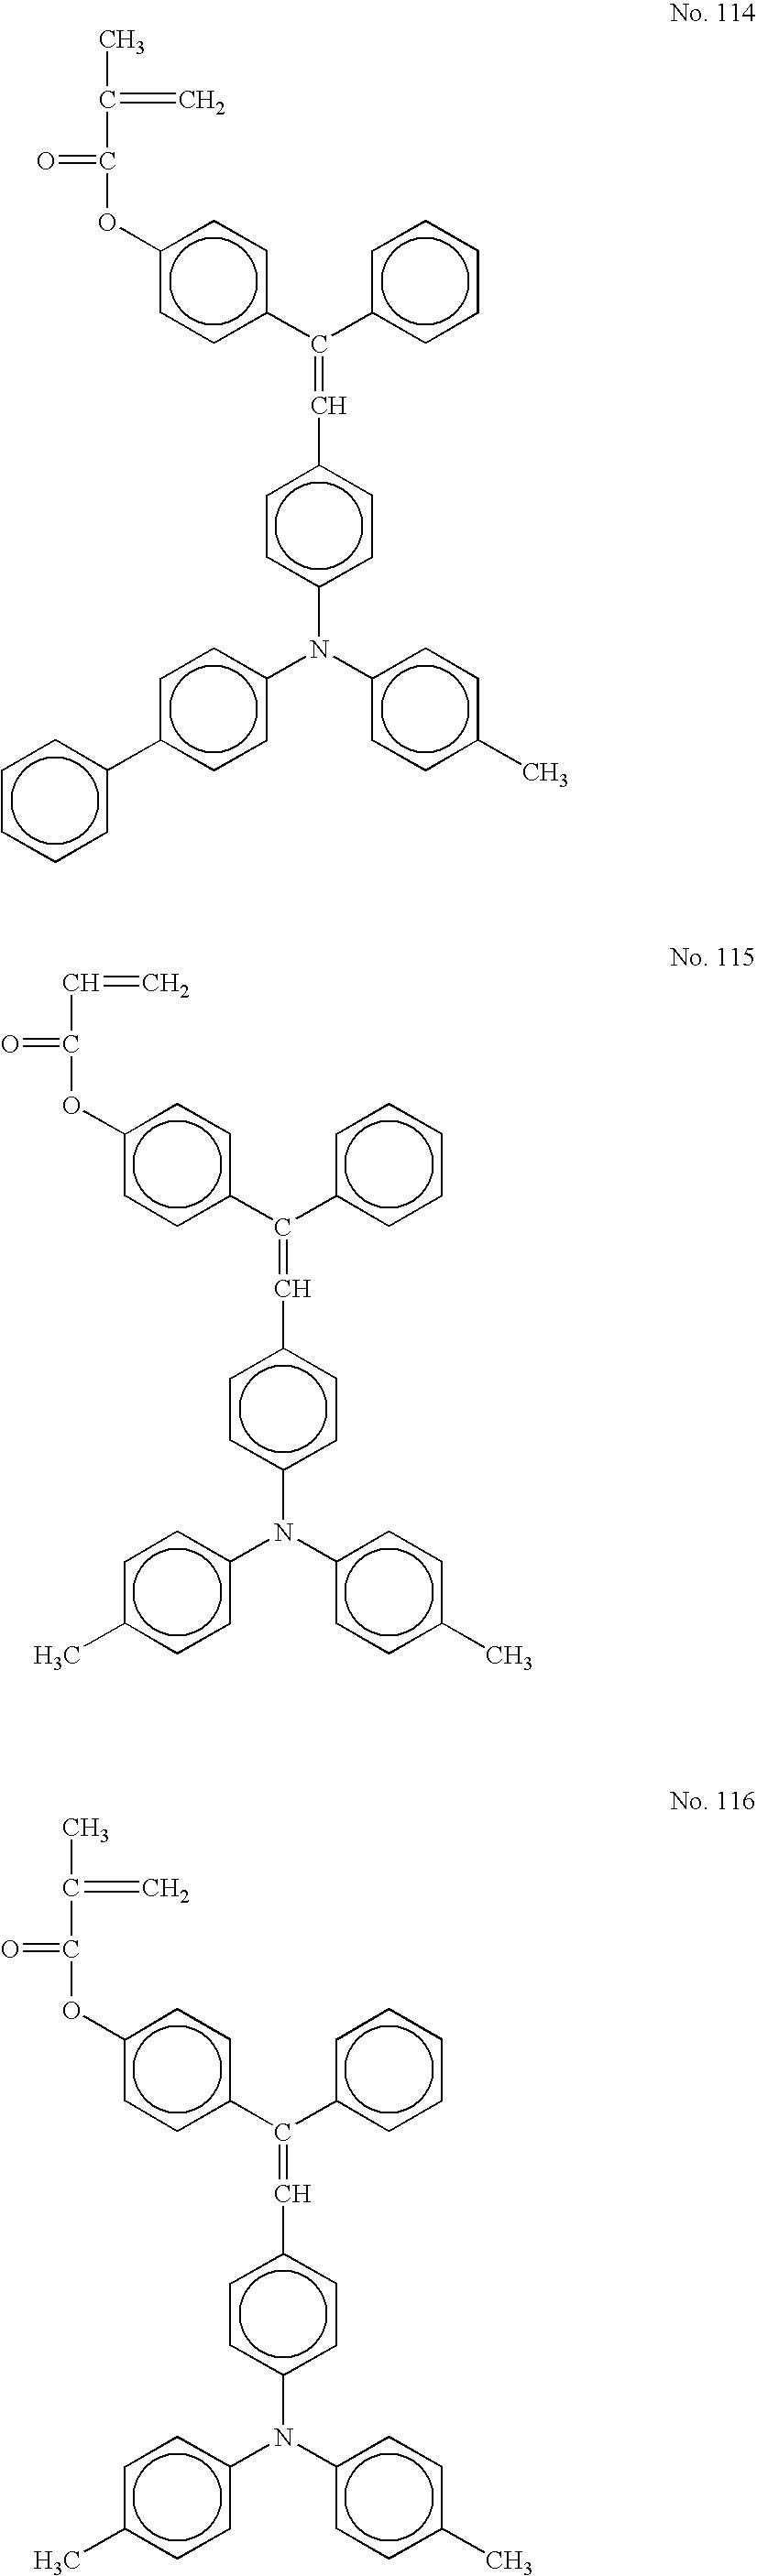 Figure US07361438-20080422-C00046